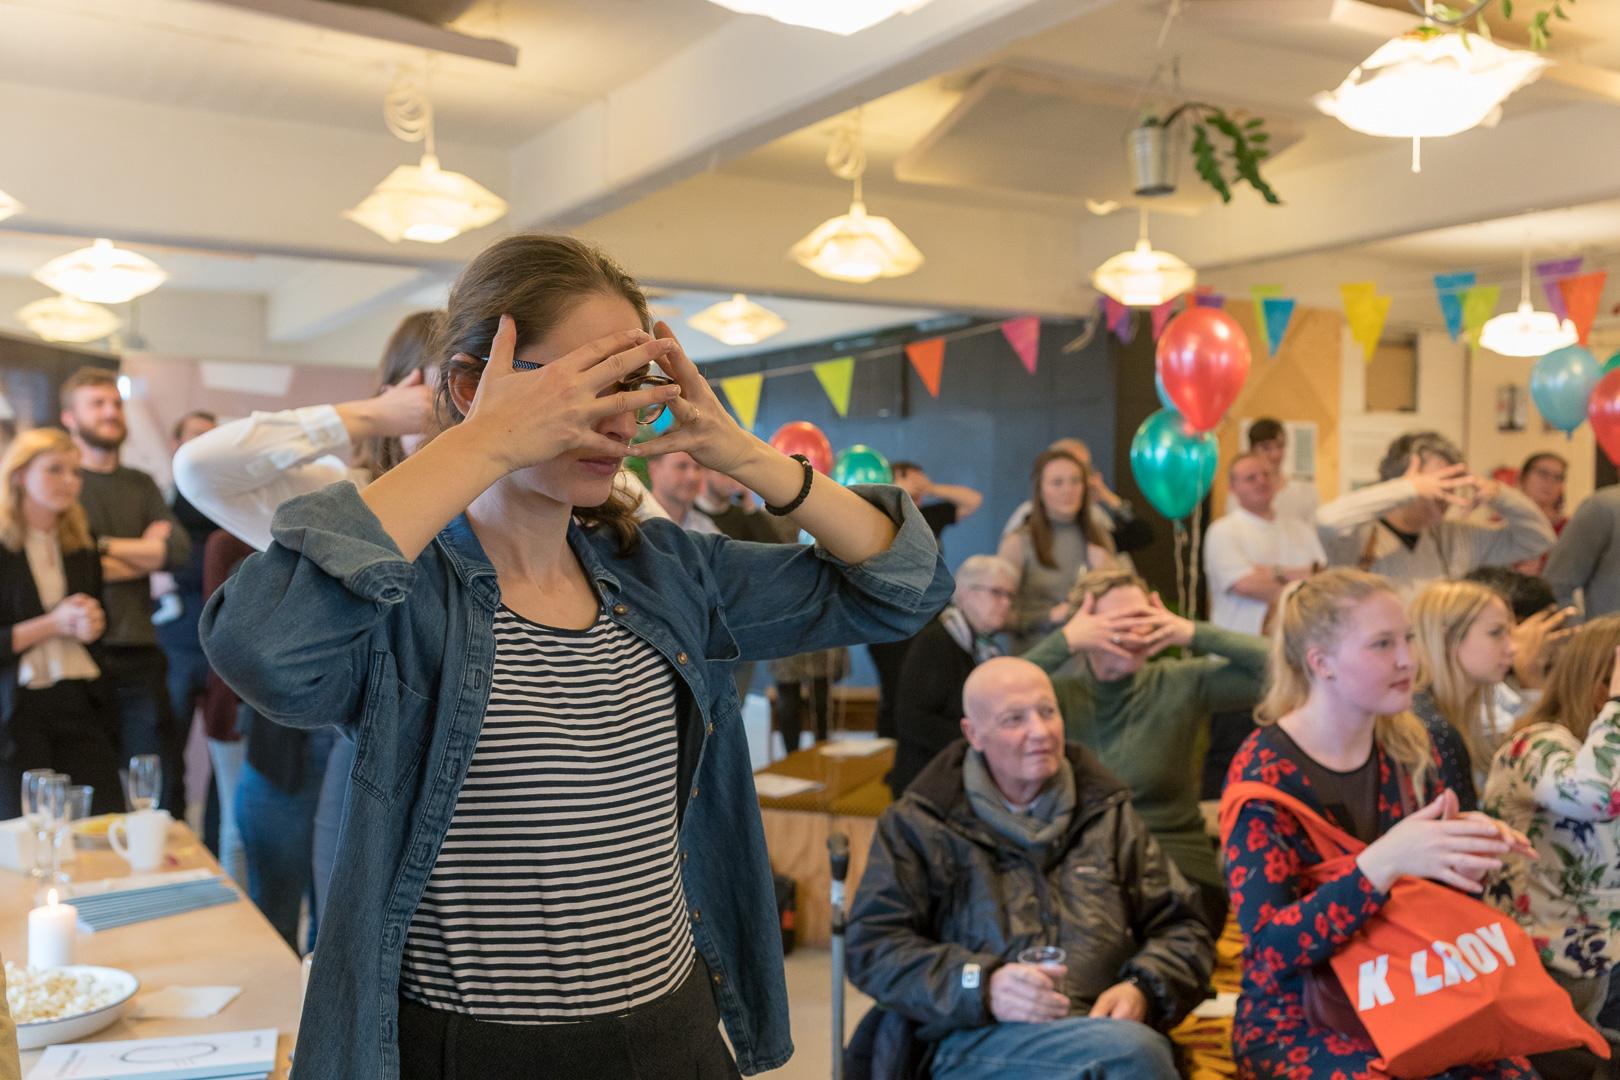 Gæsterne lytter til Kim Sørensens oplæg med hænderne foran øjnene for at forstå hans syn